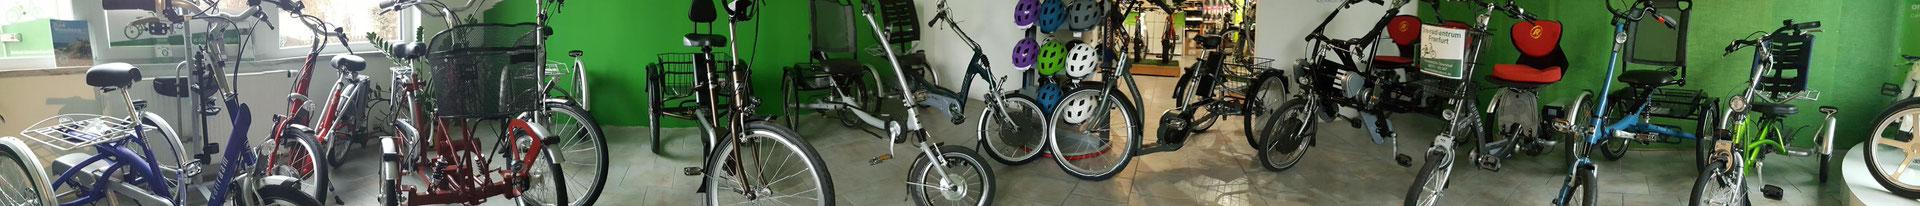 Elektro-Dreiräder für Erwachsene probefahren, testen und kaufen im Dreirad-Zentrum Gießen